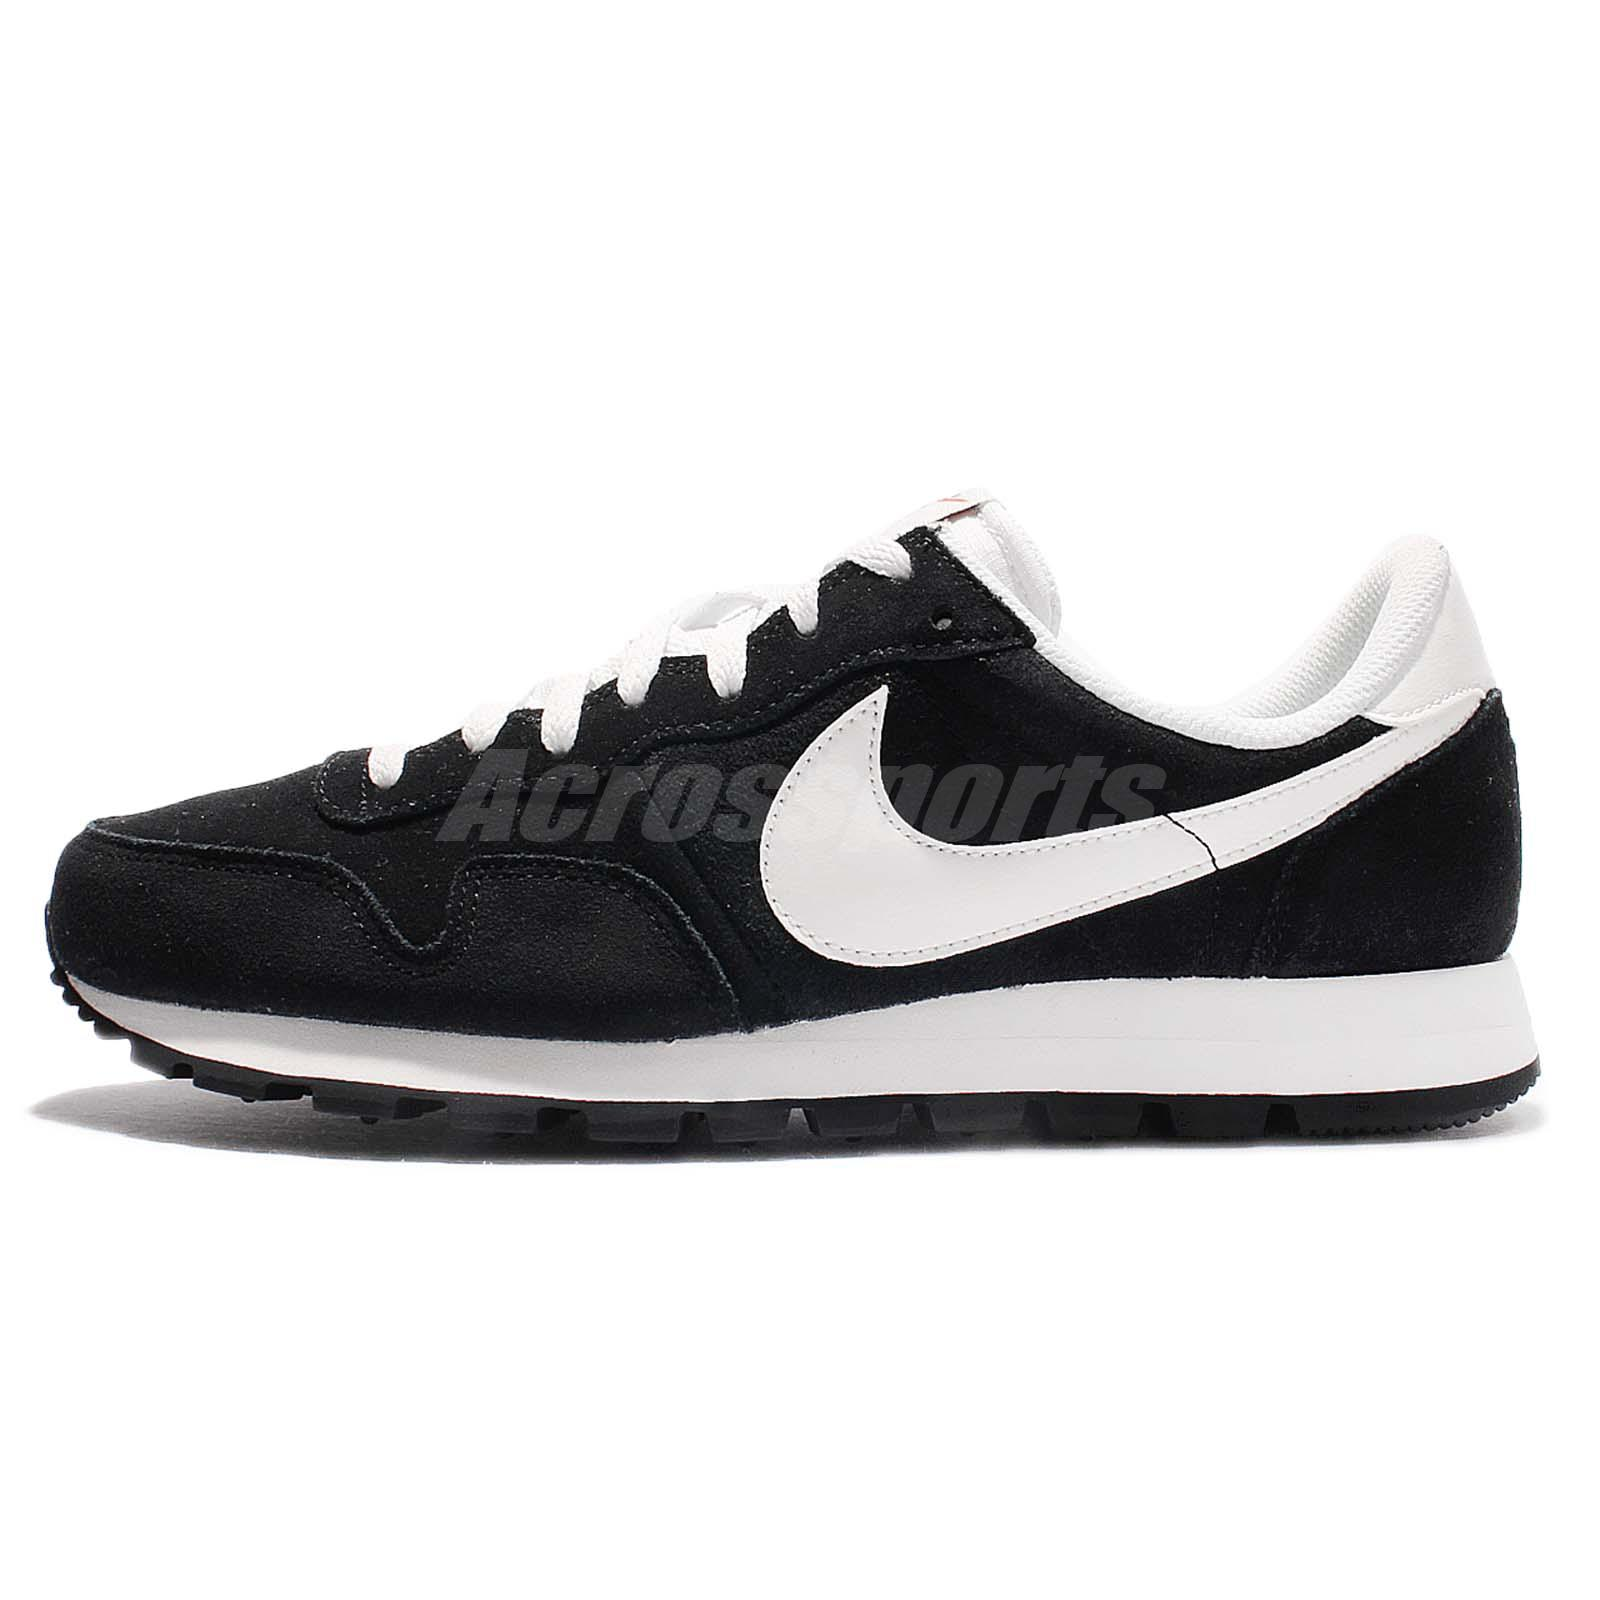 f3610ab4cae562 Vintage Nike Pegasus Sneakers For Sale On Ebay Pink Black Green ...